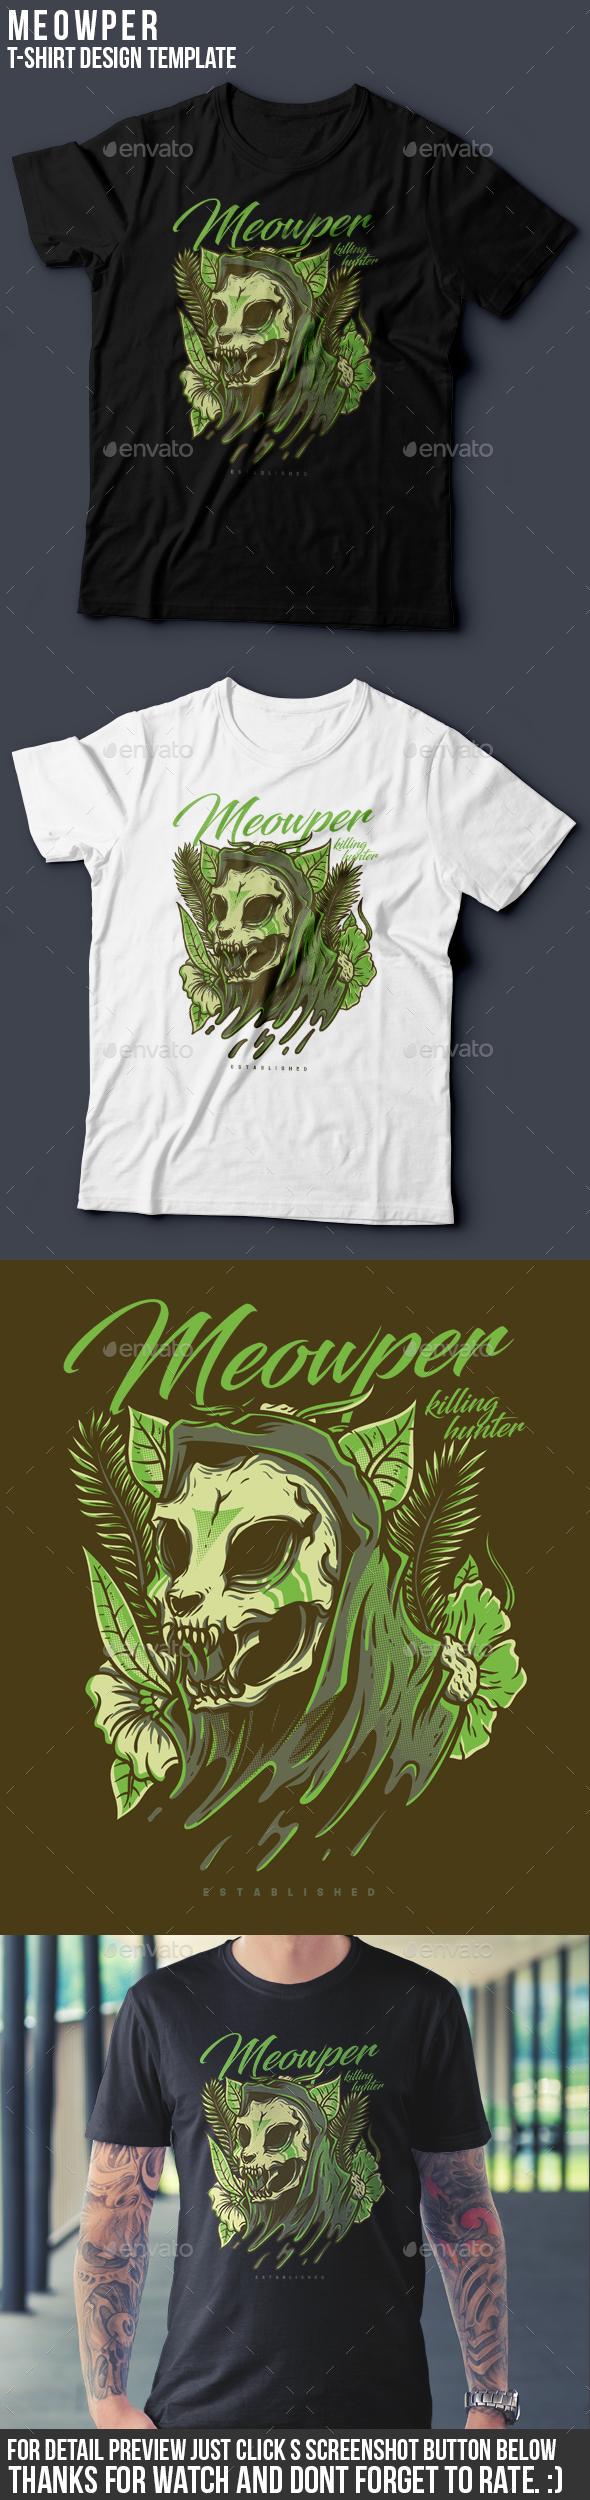 Meowper T-Shirt Design - Grunge Designs